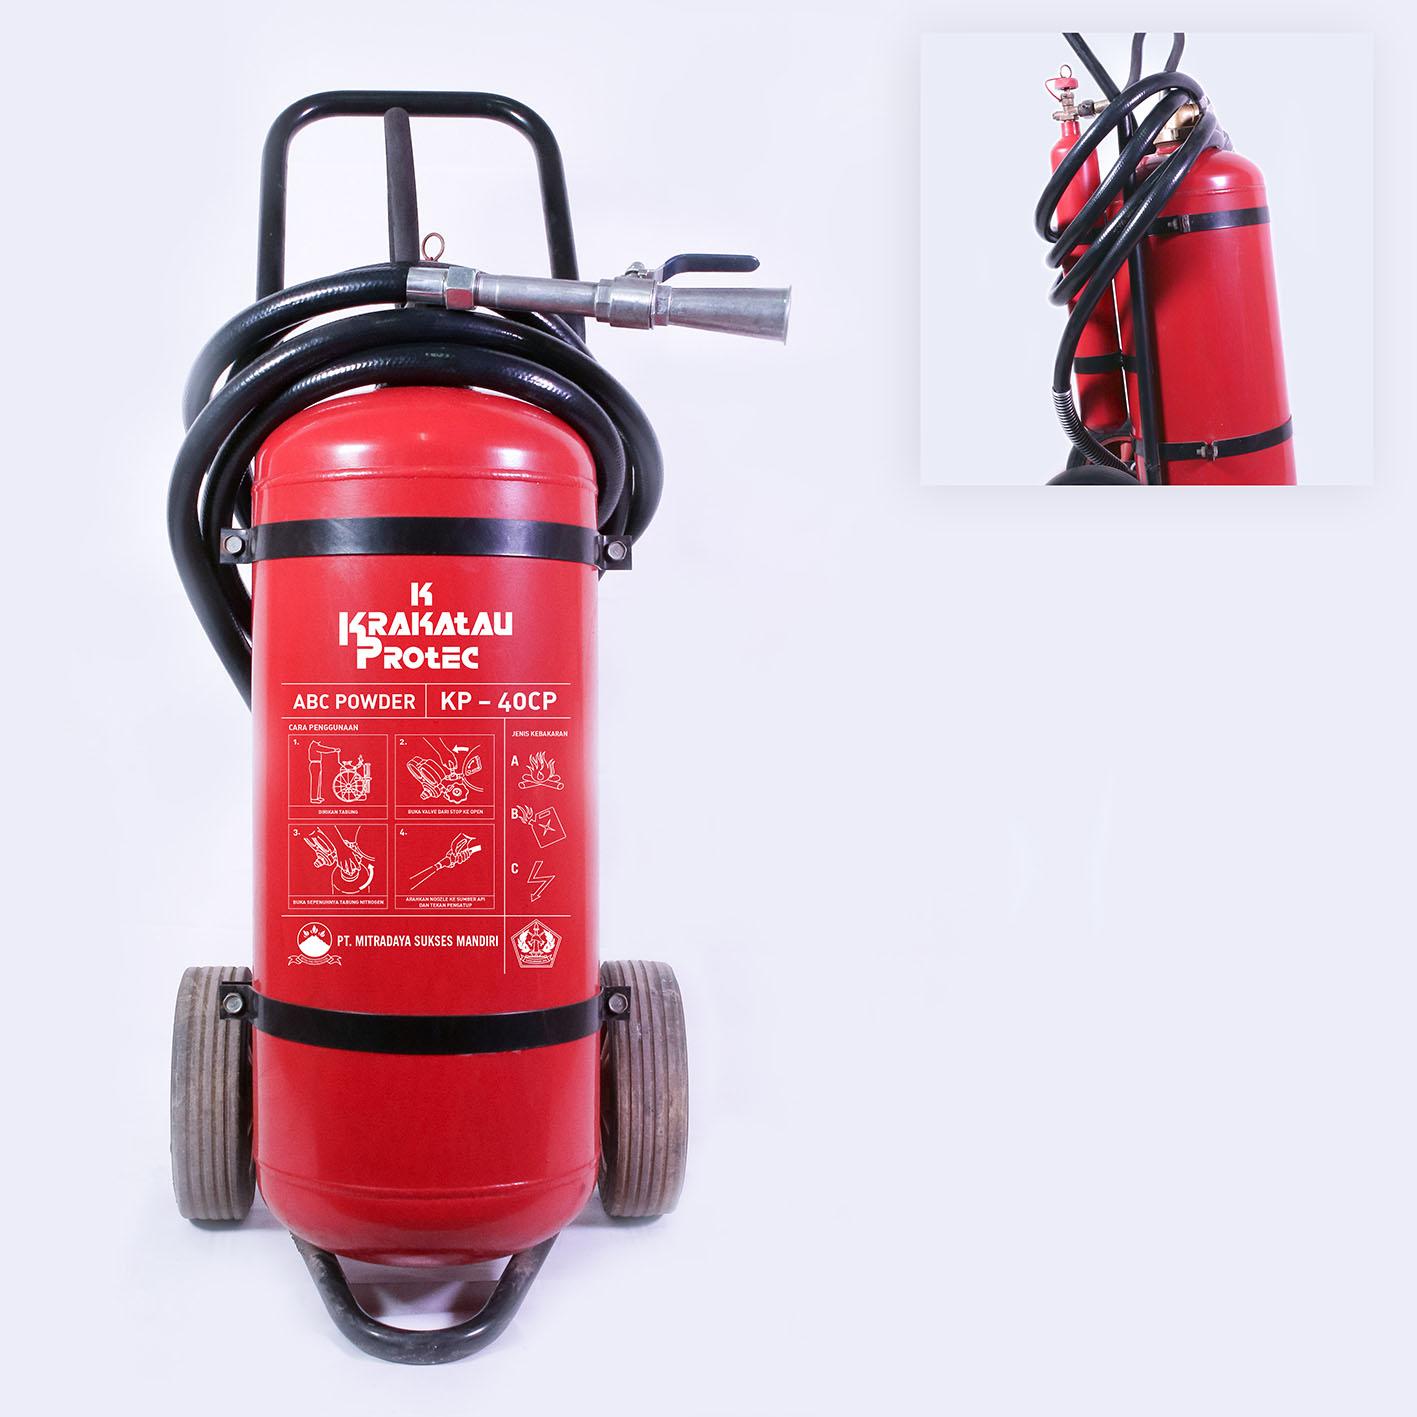 Cartridge Powder 40 Kg / KP40CP